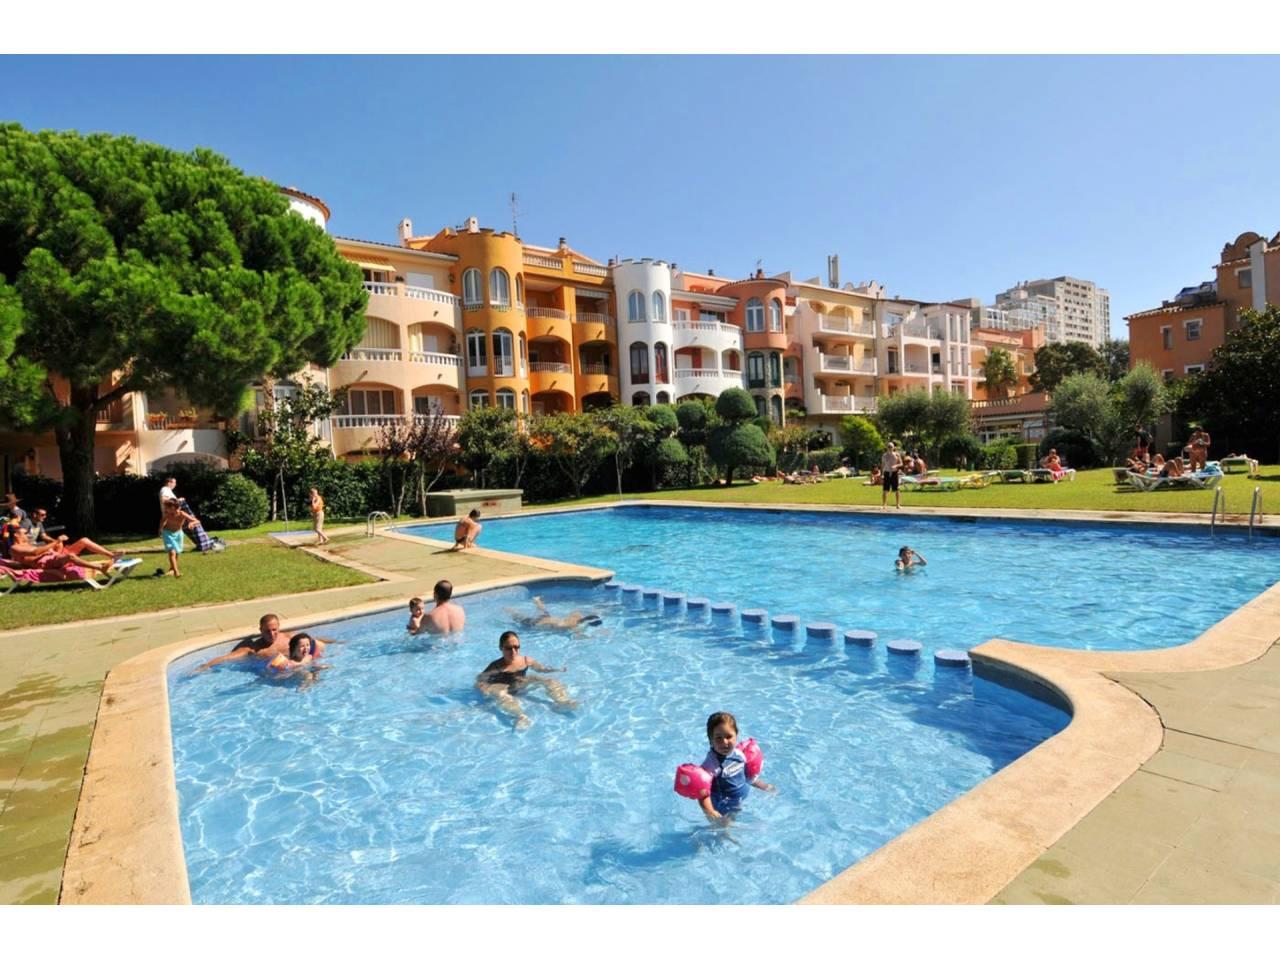 000007 - GRAN RESERVA Apartament amb piscines i jardins comunitaris